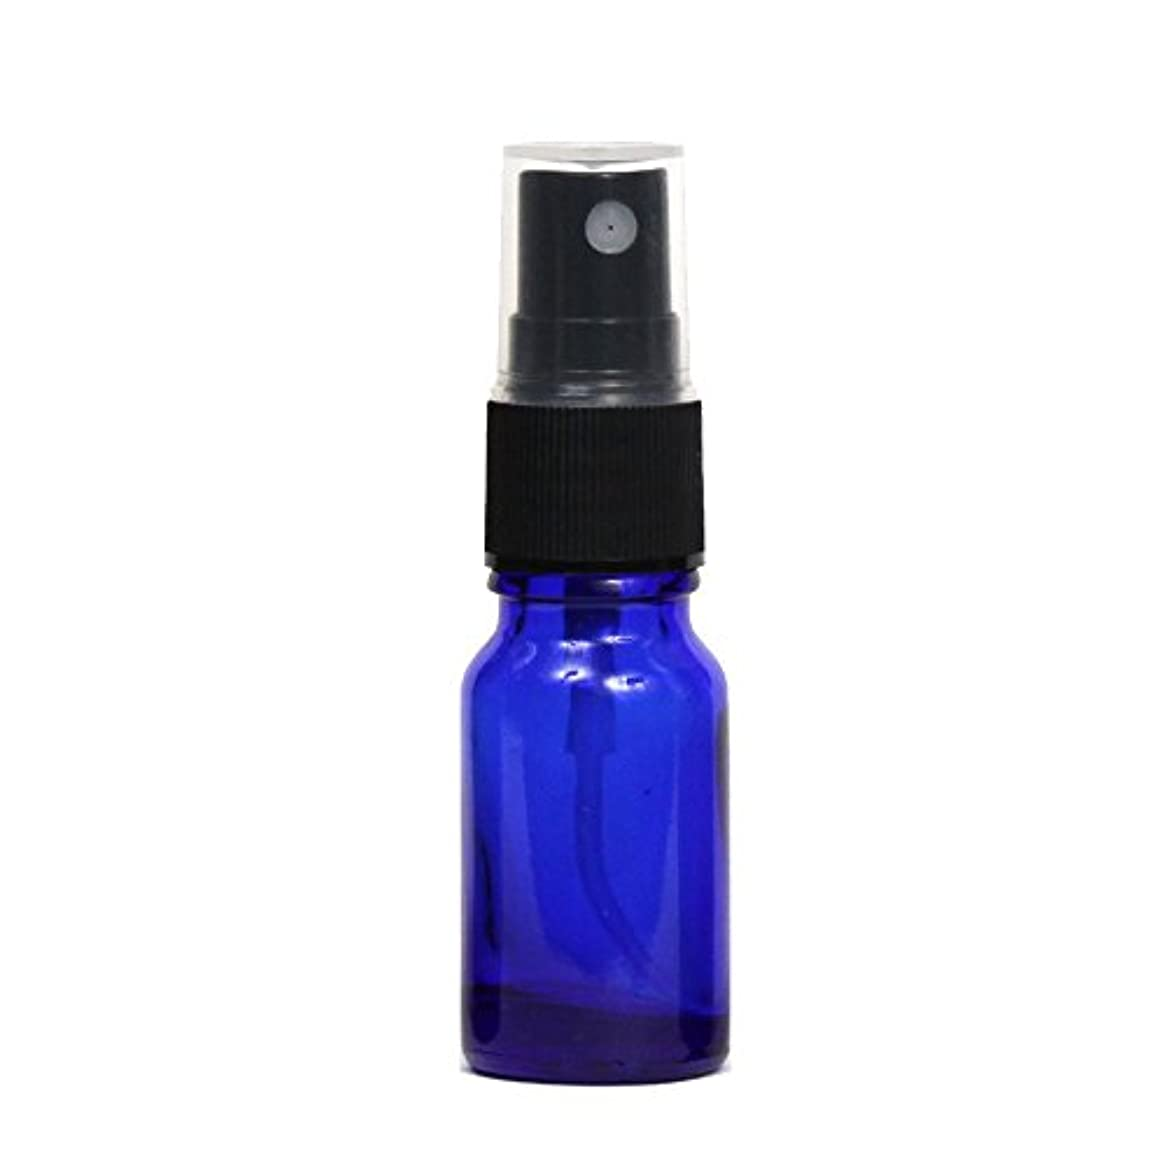 外国人乞食もう一度スプレーボトル ガラス瓶 10mL 遮光性ブルー ガラスアトマイザー 空容器